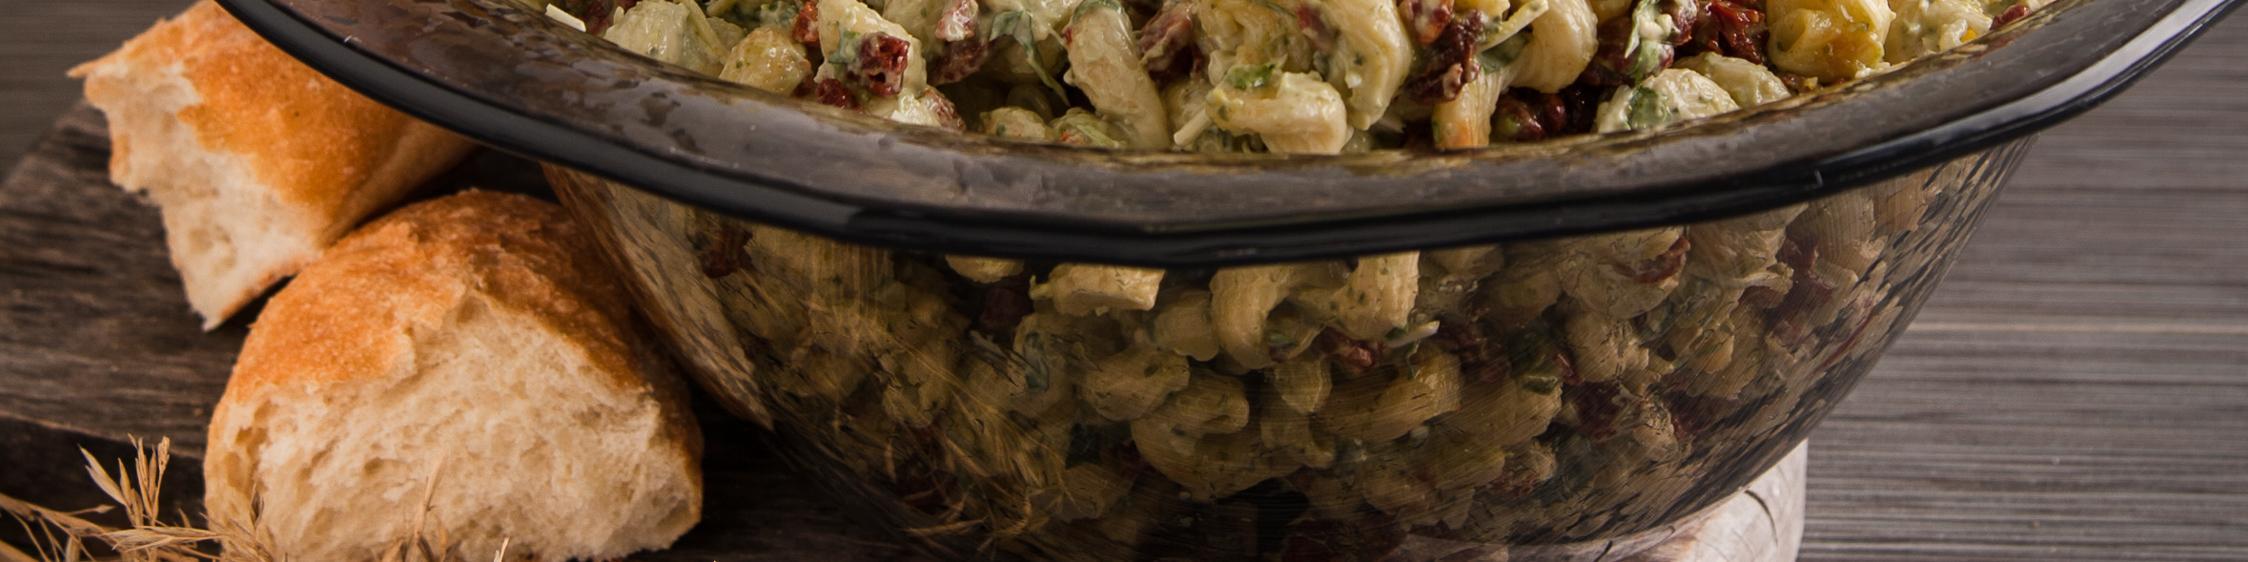 Pasta in a Terra Bowl